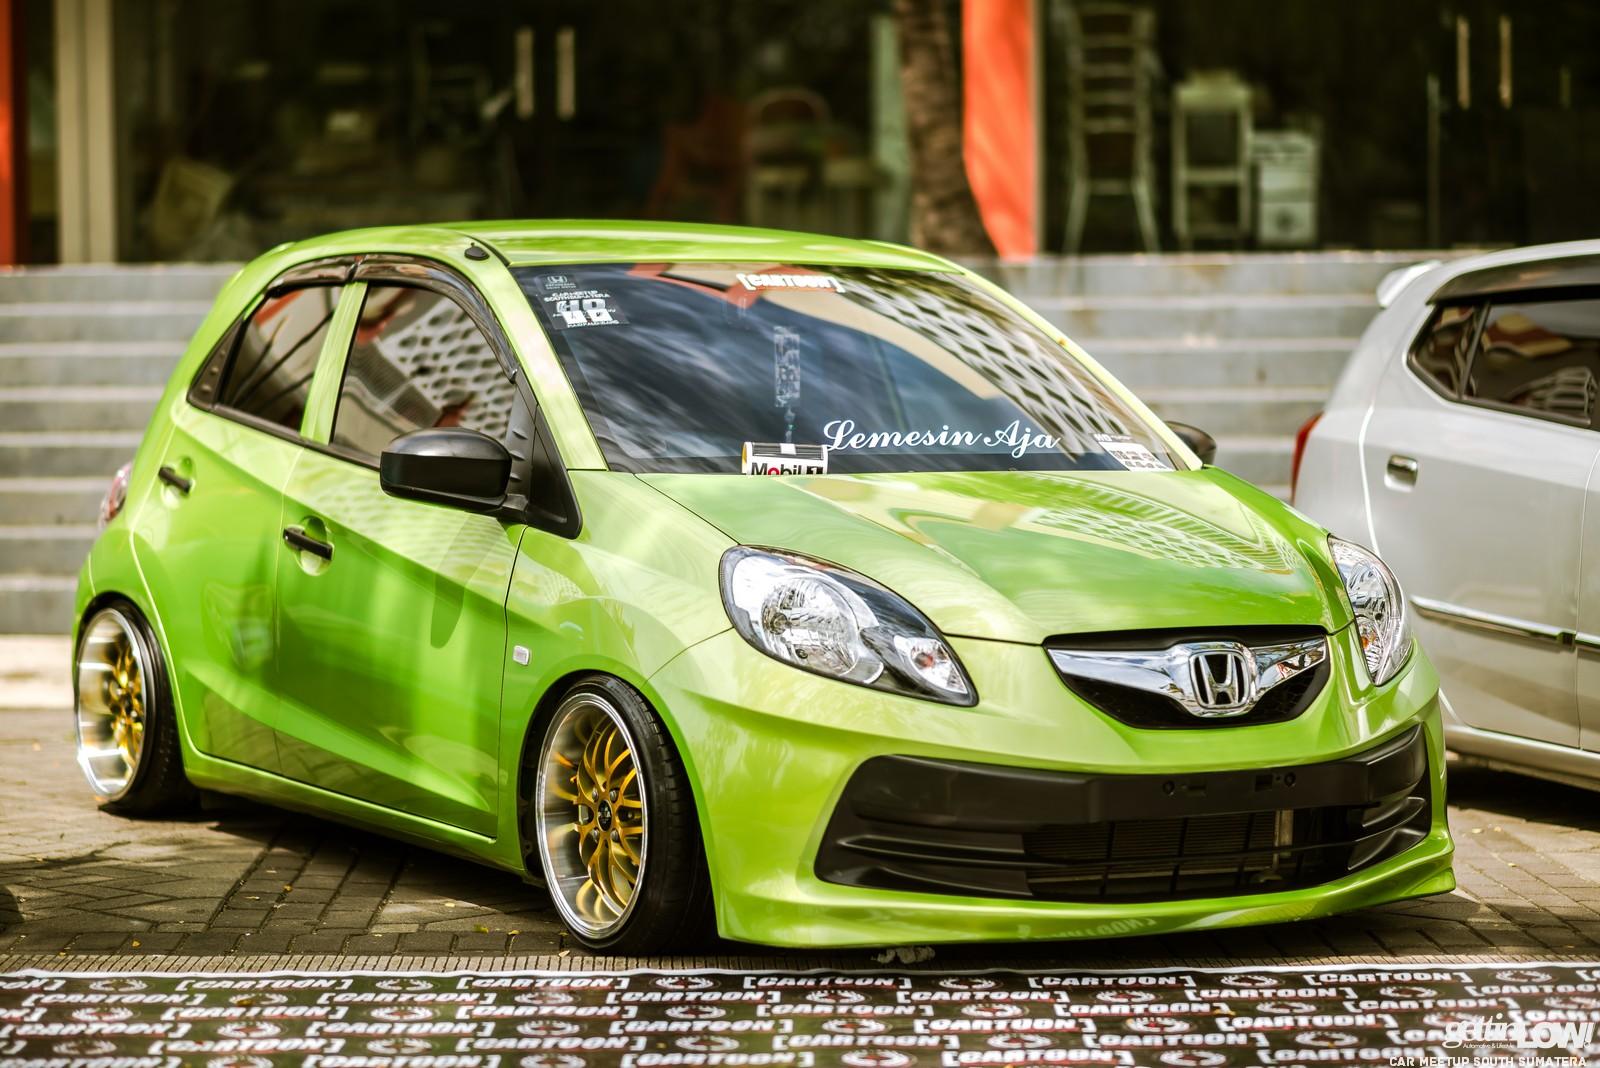 Car meet up South Sumatera